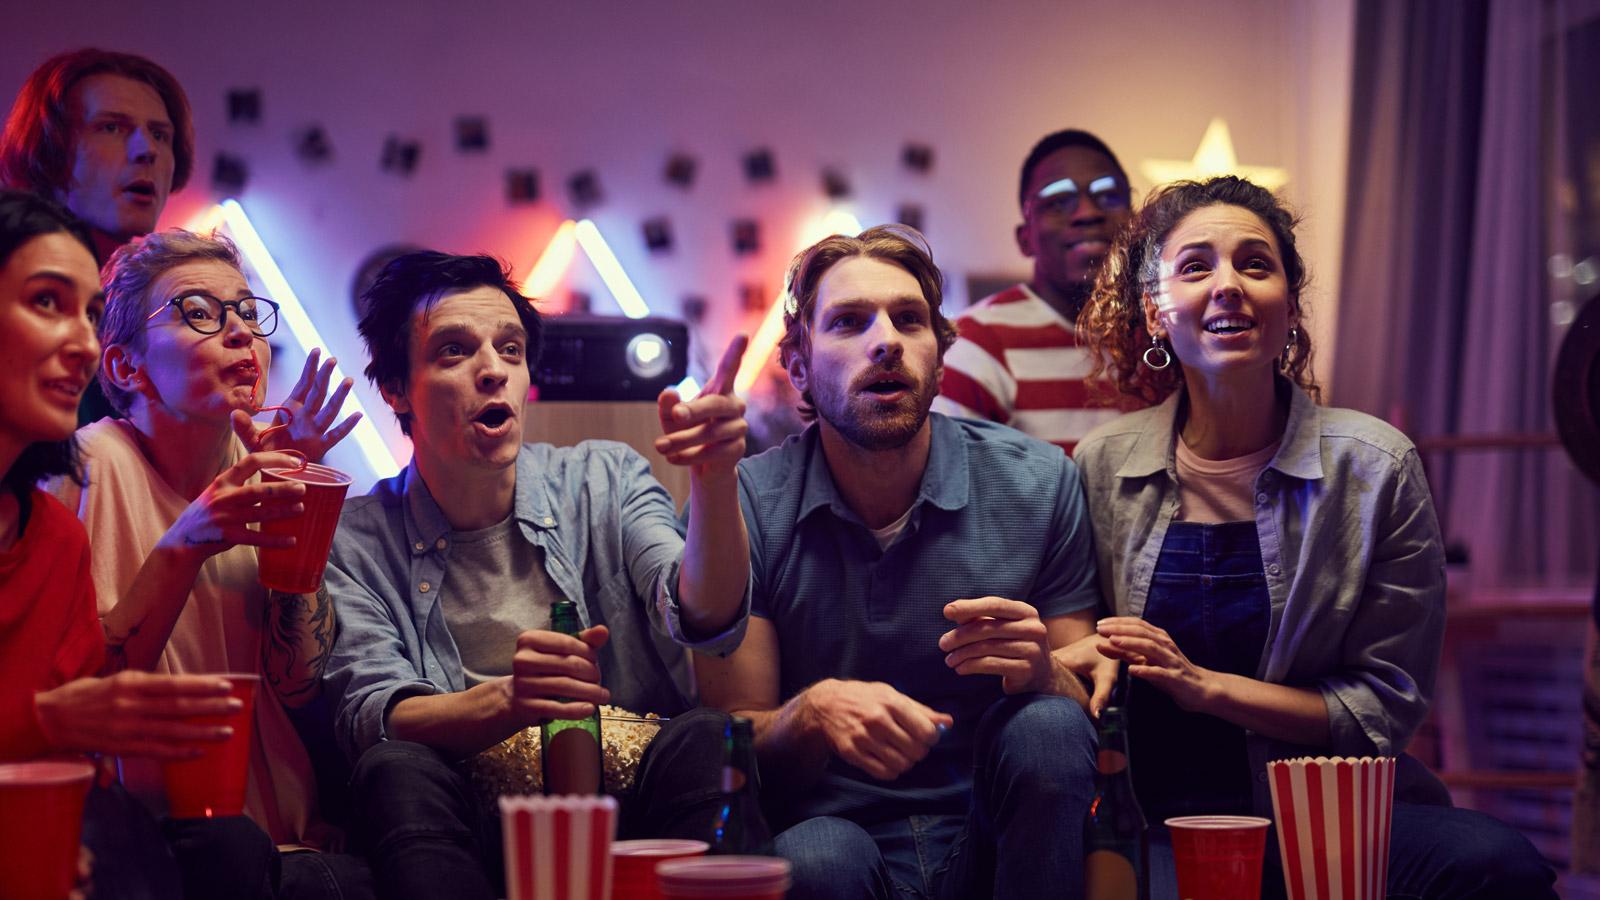 Netflix zaprosił filmowców do stworzenia krótkometrażowych filmów podczas kwarantanny Koronakryzys